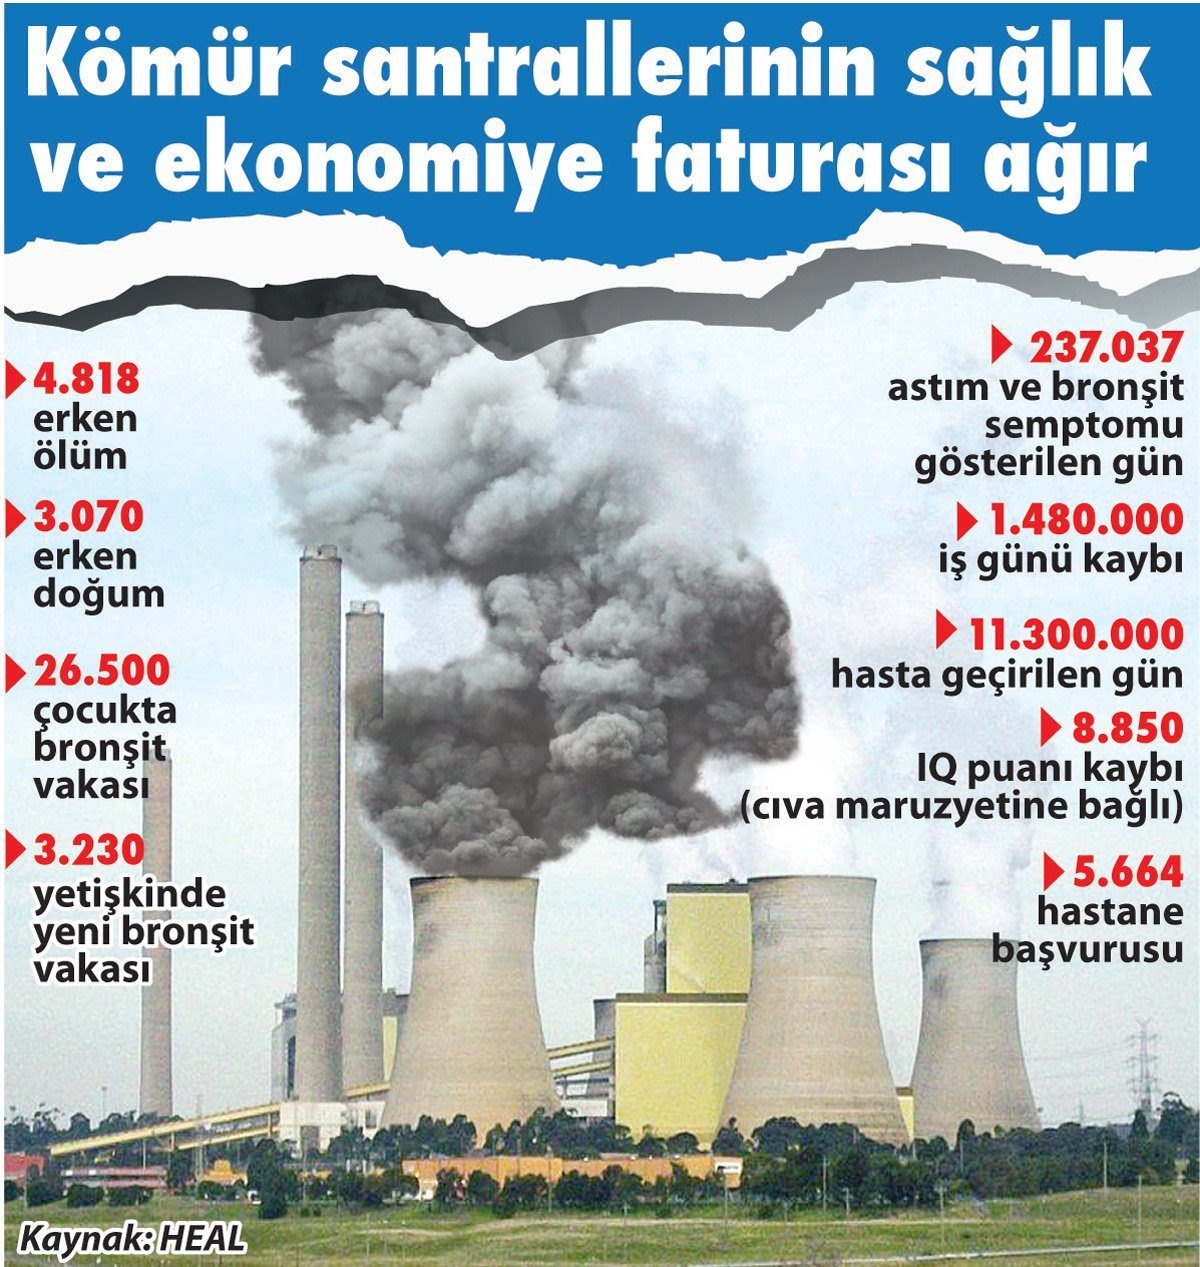 Kömürün hastalık maliyeti 54 milyar TL